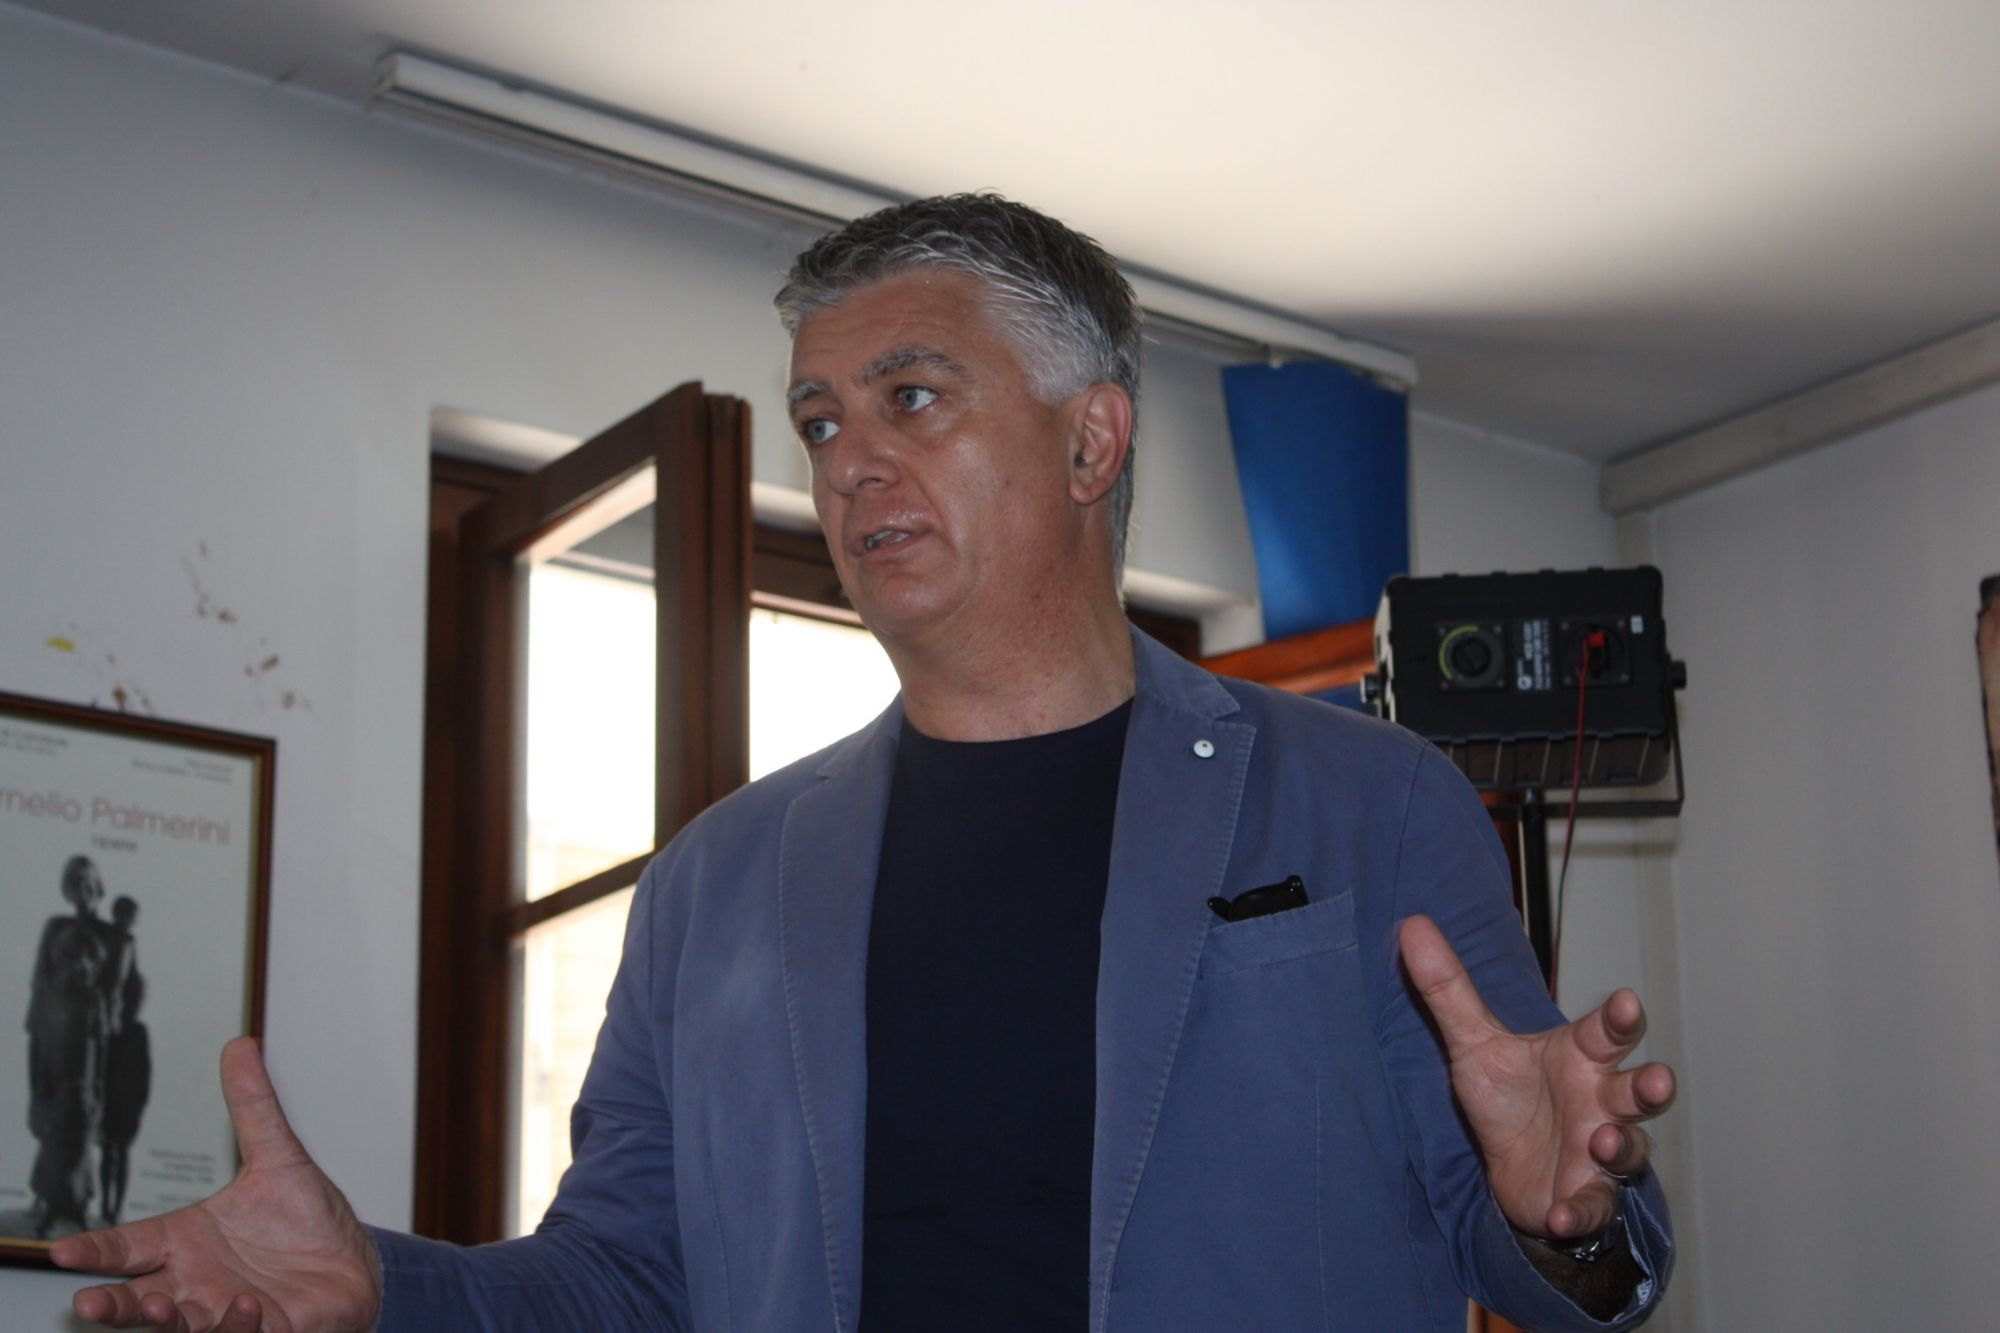 Incontro con il sindaco per risolvere i problemi di Strettoia